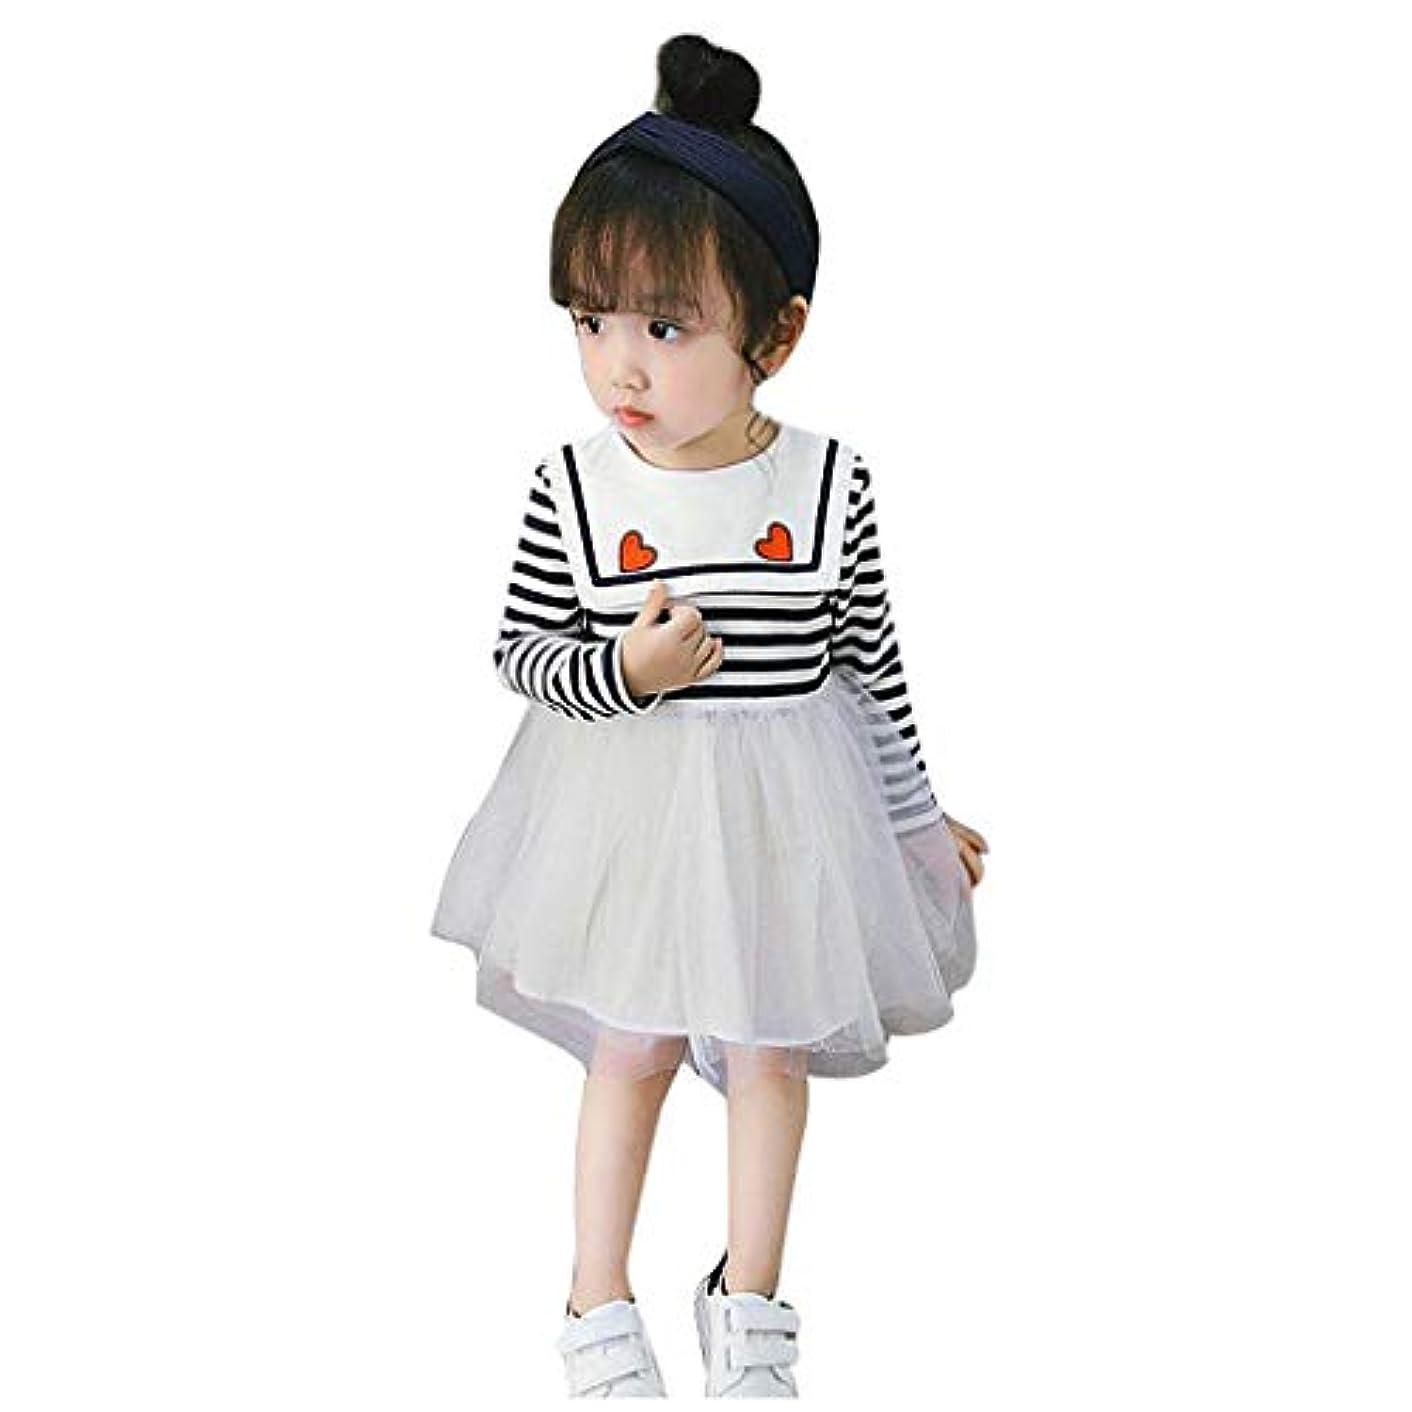 へこみ希望に満ちた勃起MISFIY ベビー服 子供 ガールズ 女の子 4セット ロンパース tutuスカート+ヘアバンド+ 靴 +靴下 綿 肌着 漫画柄 ハロウィン Halloween クモ かわいい 柔らかい 誕生記念 出産祝い (90)